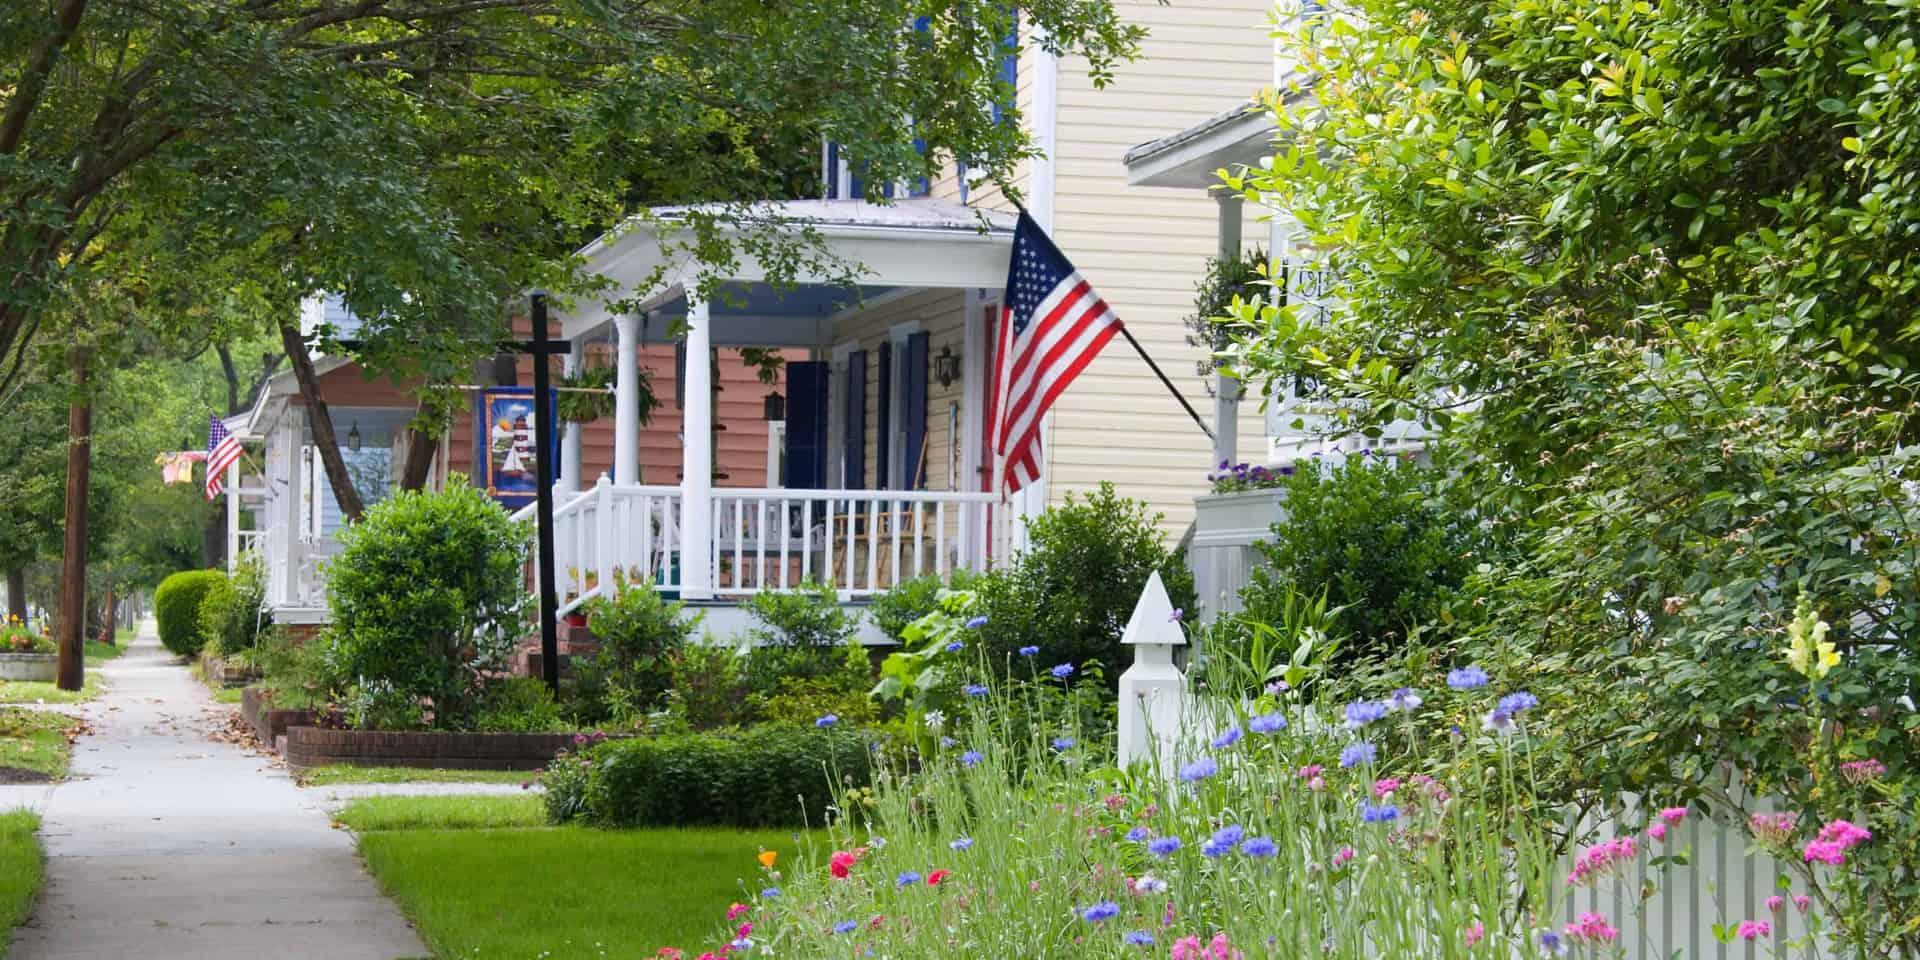 neighborhood sidewalk with houses